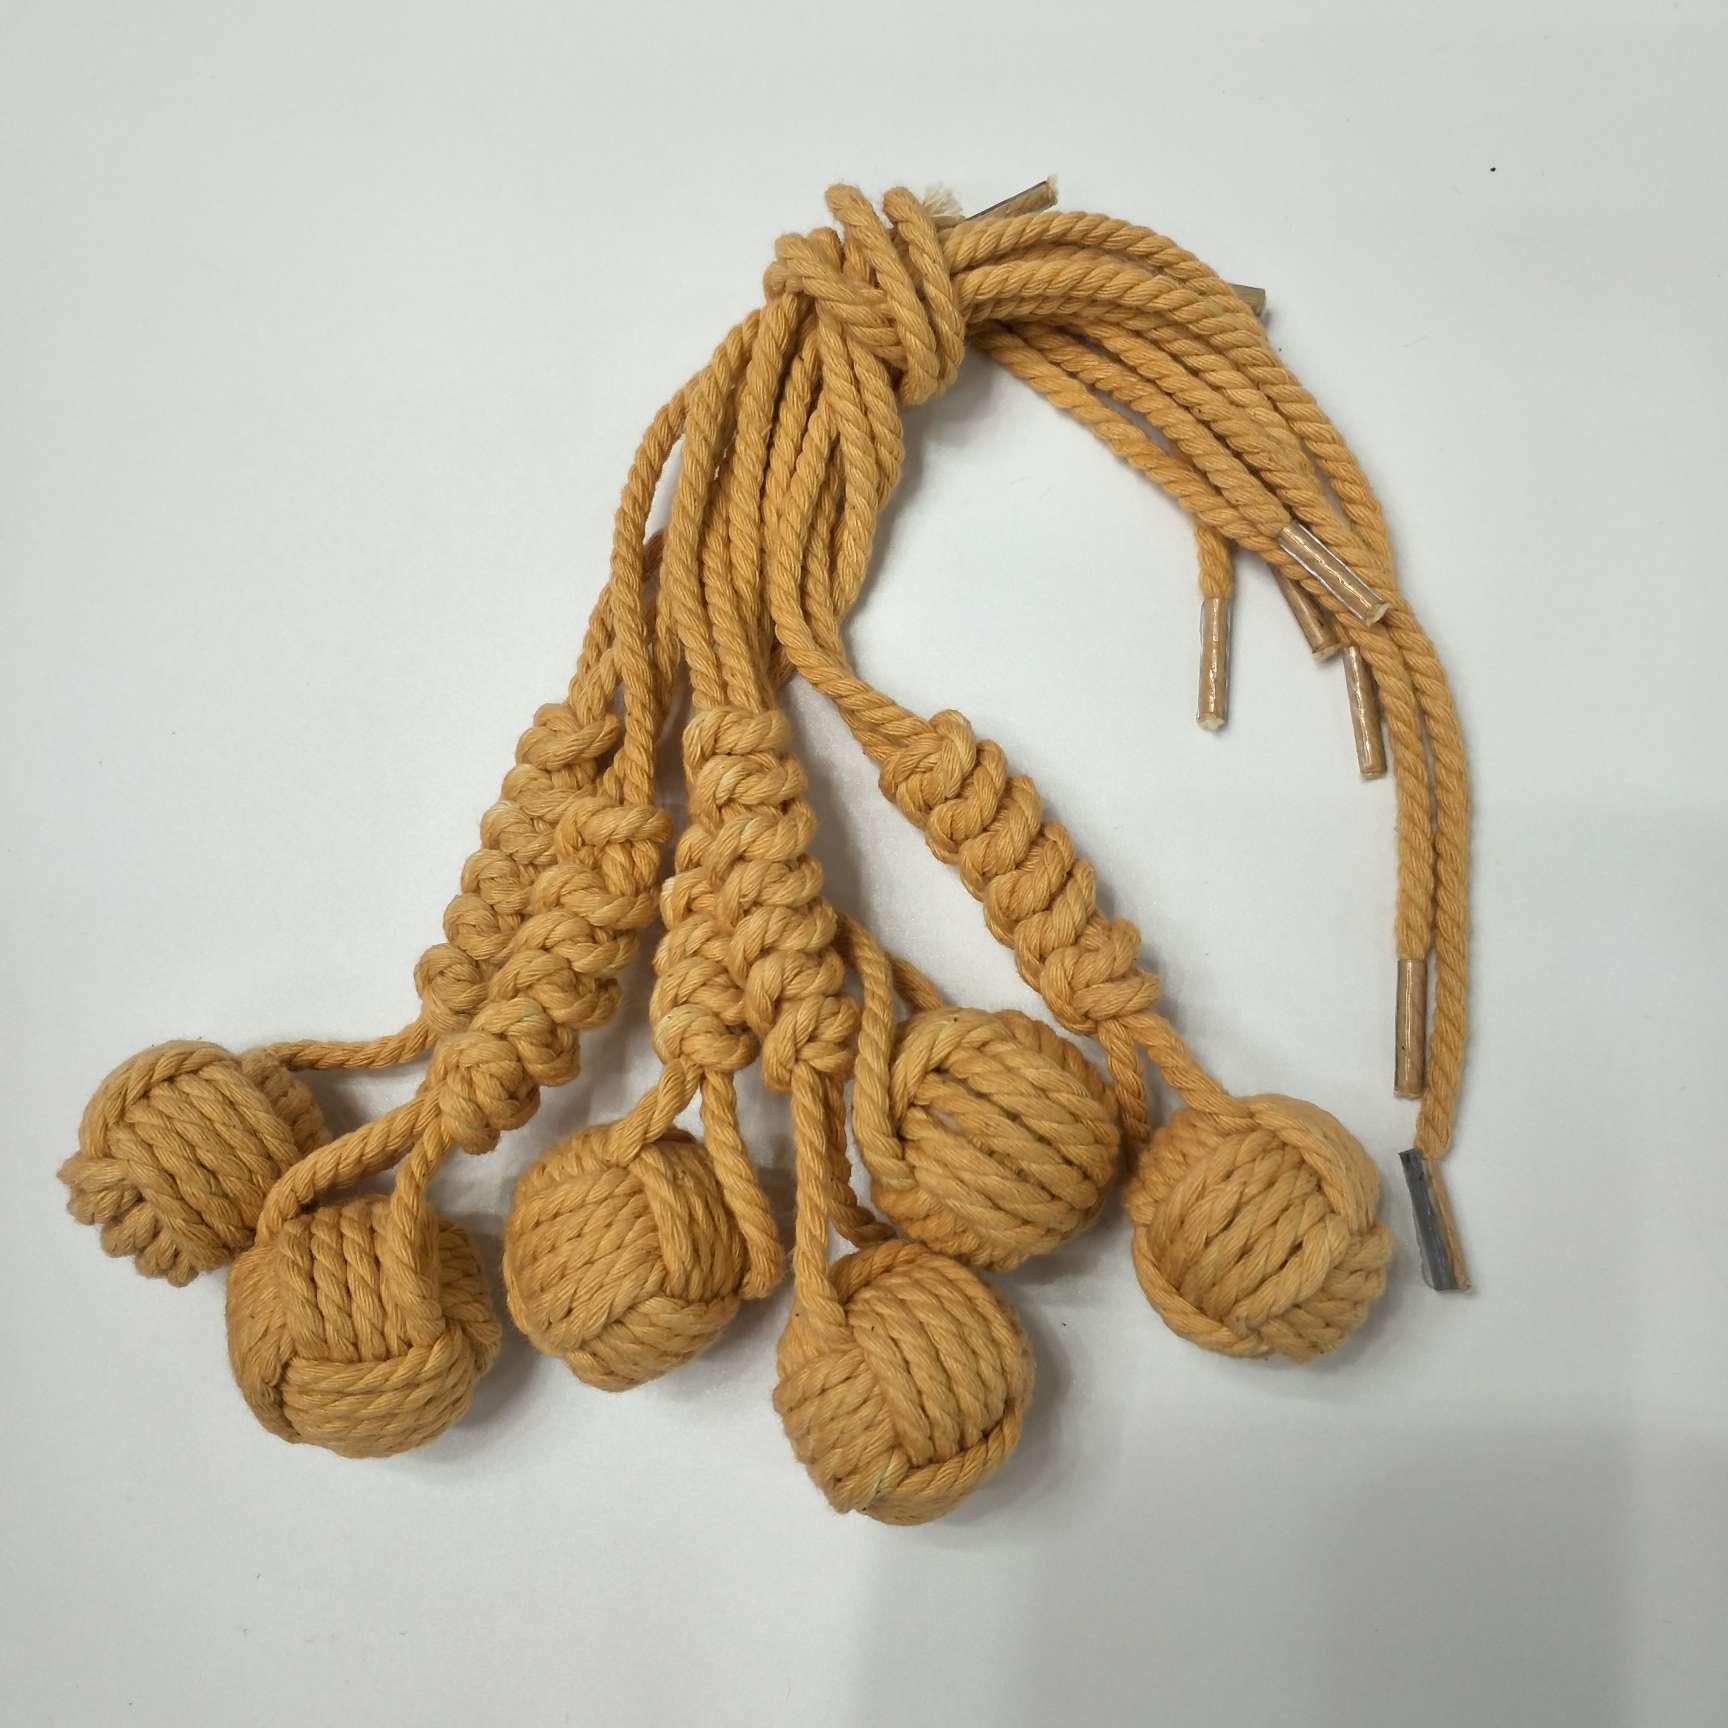 手工编织随身带幸运球